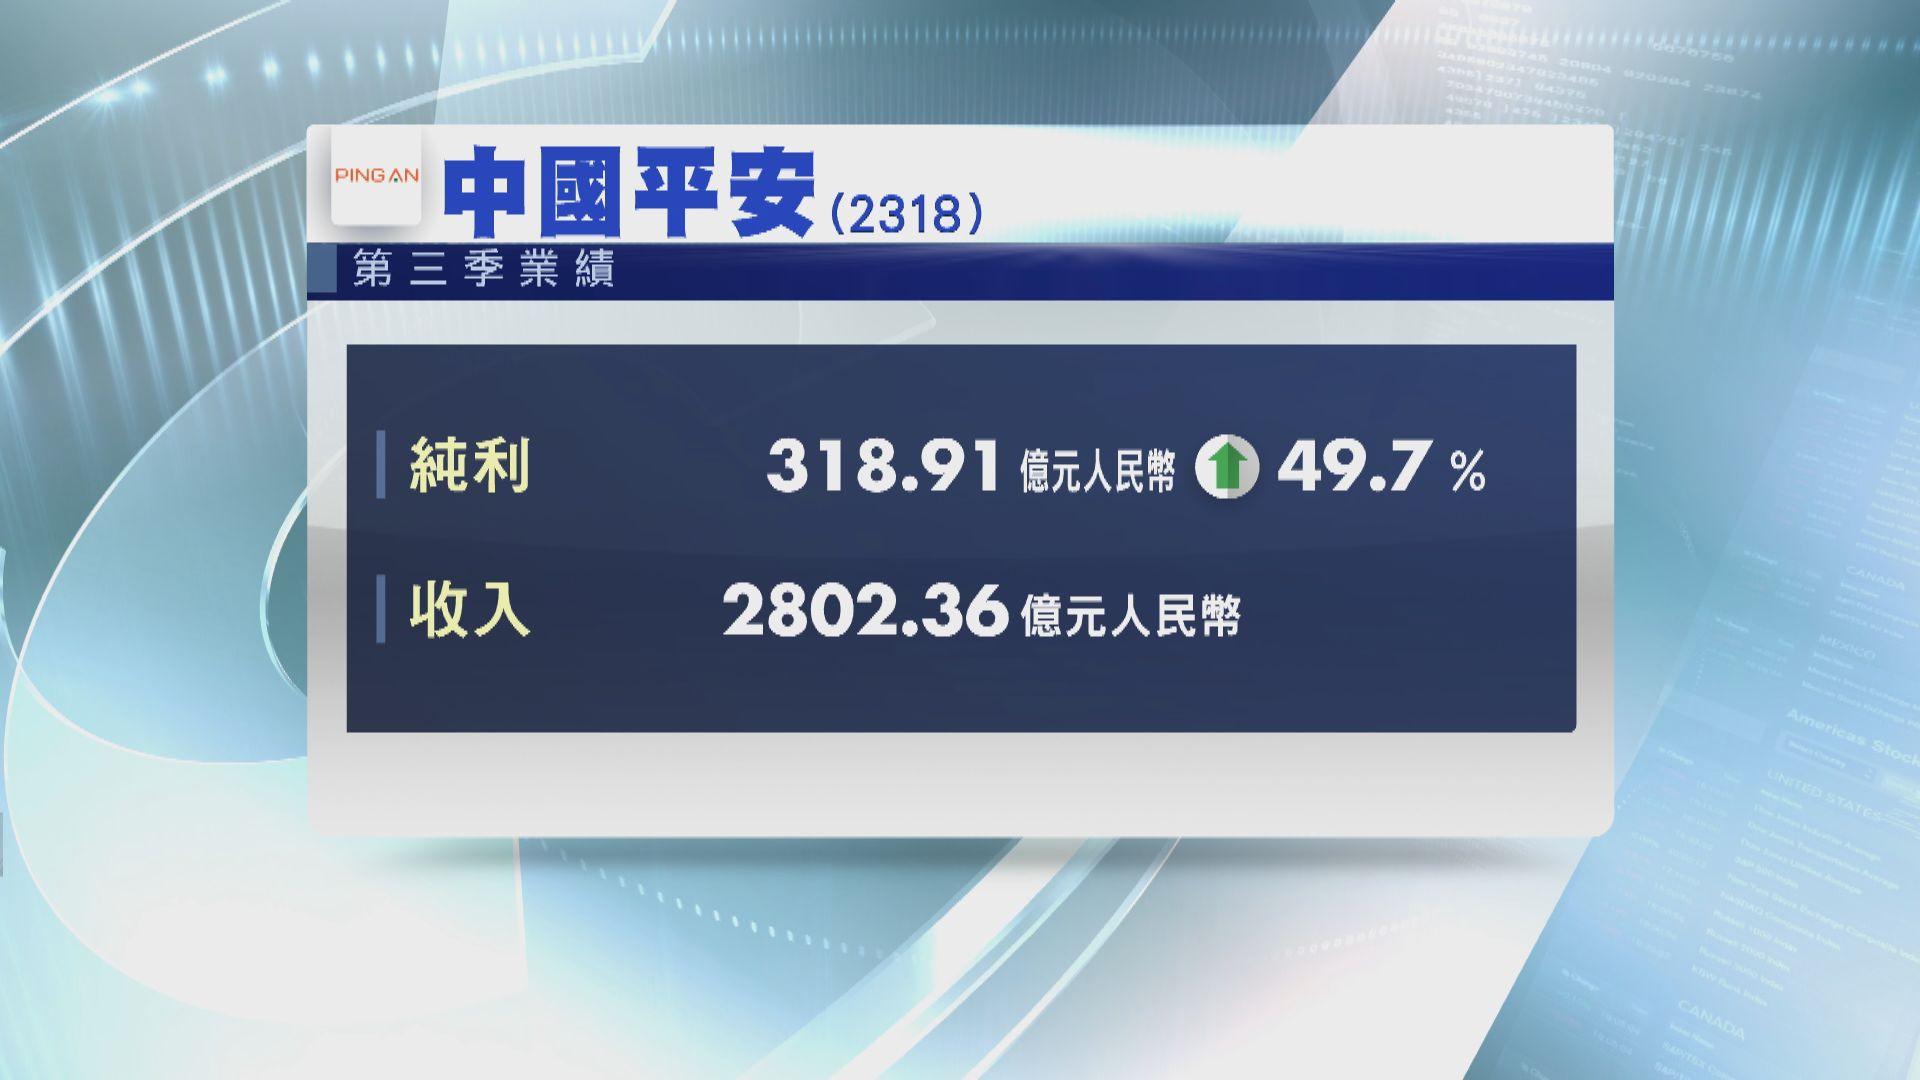 【業績速報】平保第三季按年多賺近50%